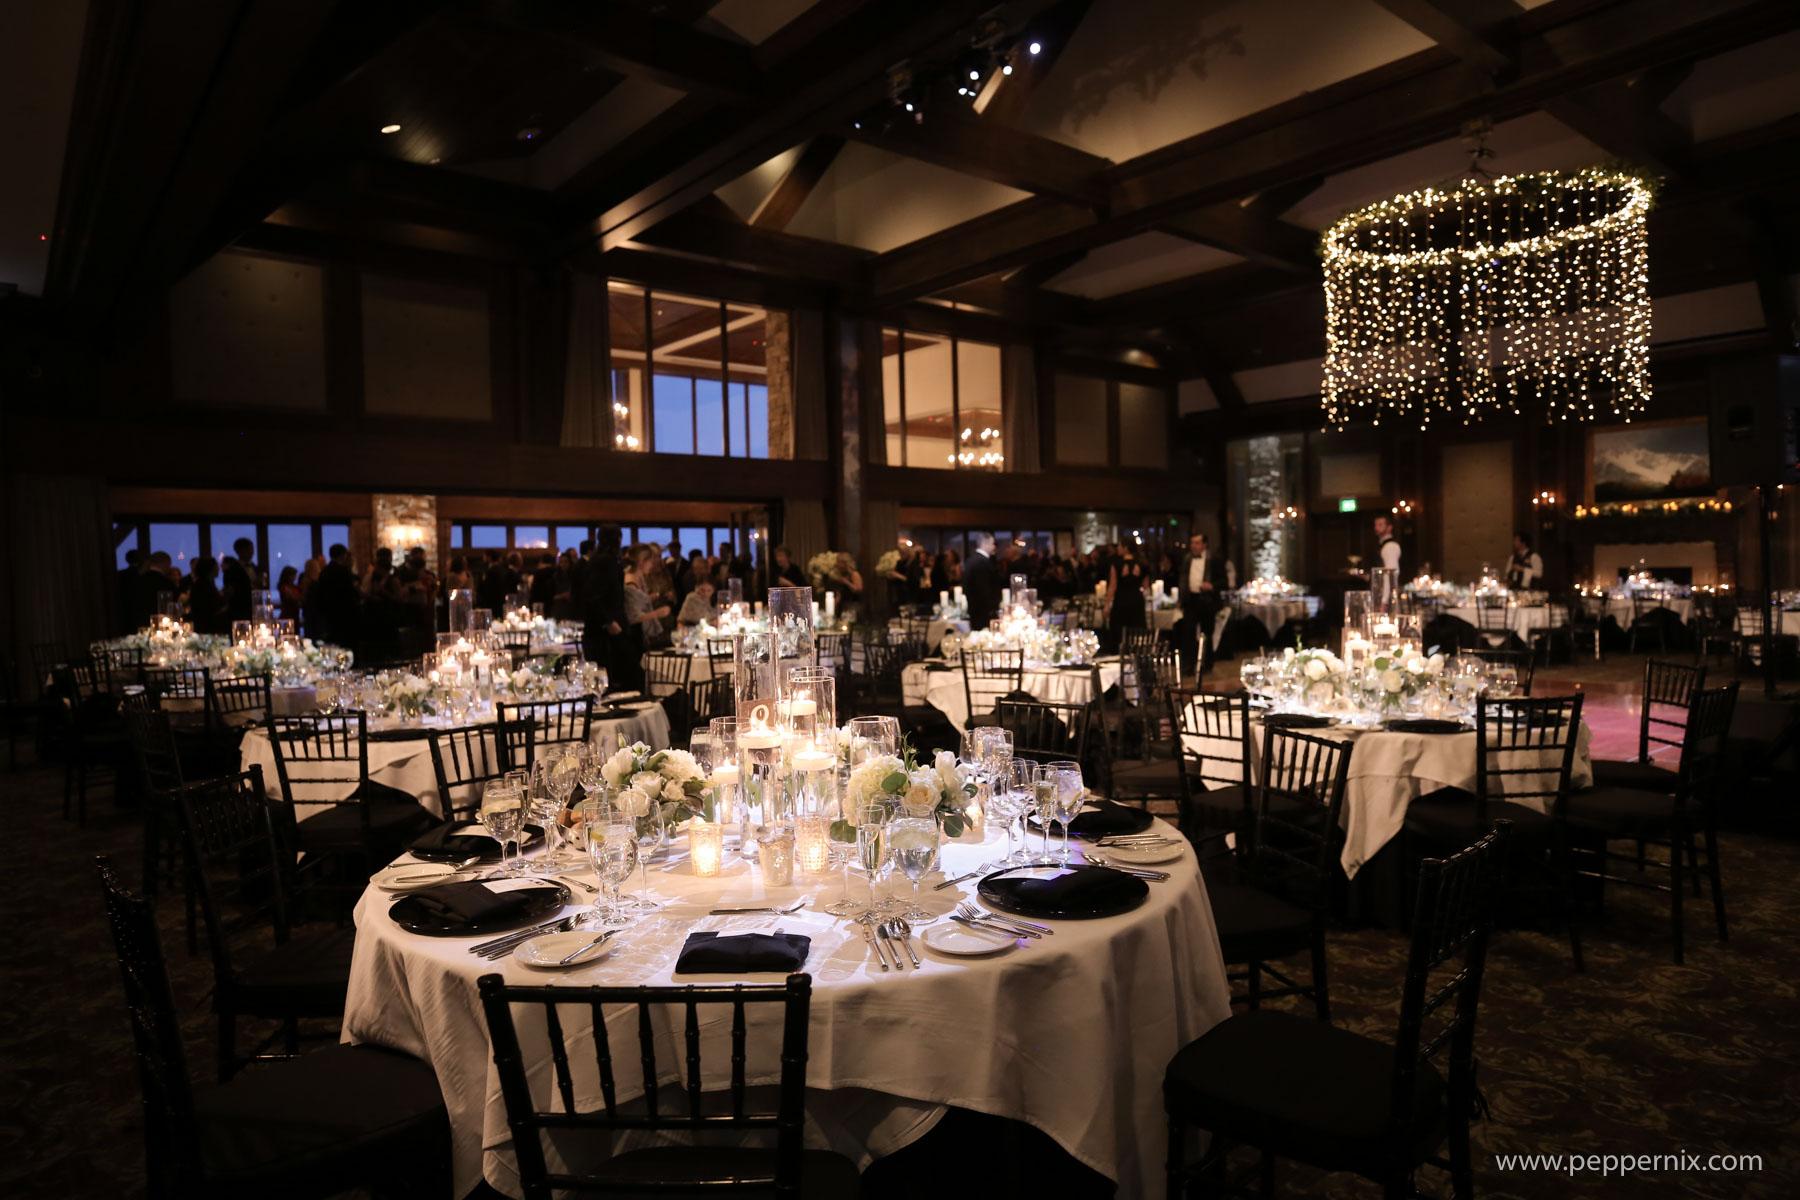 Best Park City Wedding Venue_Winter_Weddings_Stein_Eriksen_Lodge-2216.jpg